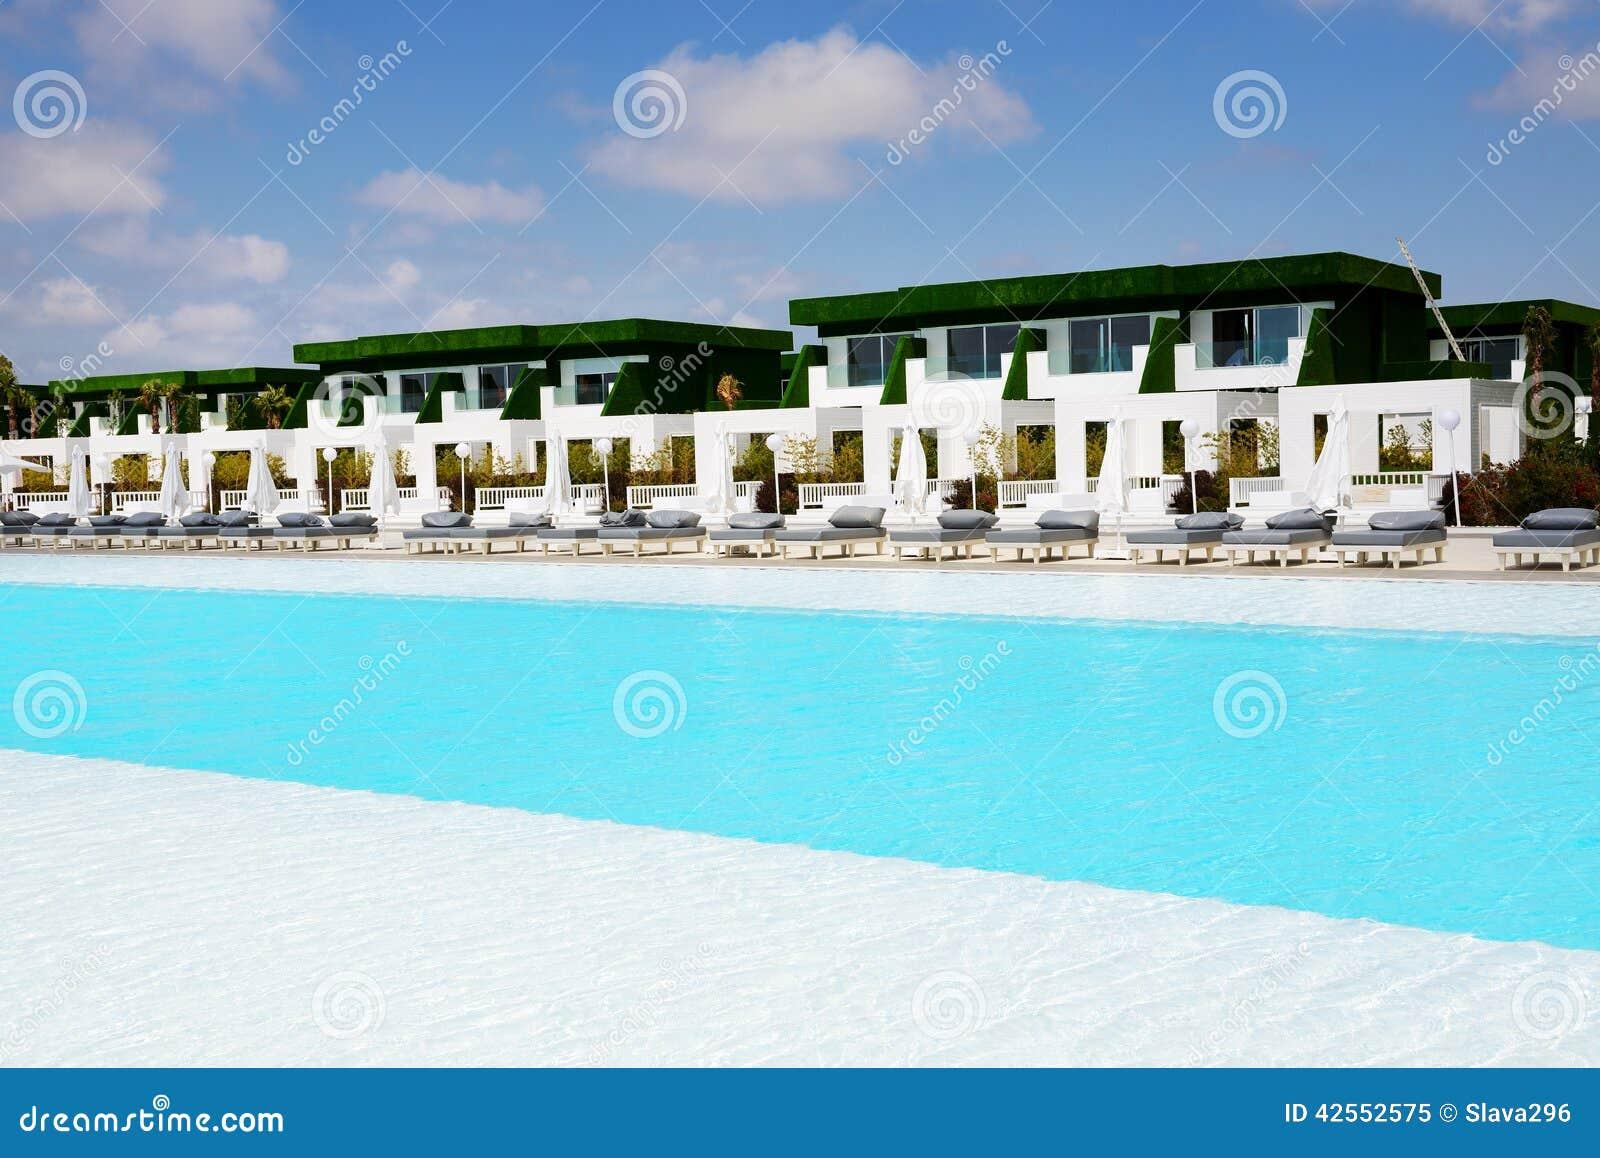 Le ville moderne si avvicinano alla piscina all 39 albergo di for Ville moderne di lusso